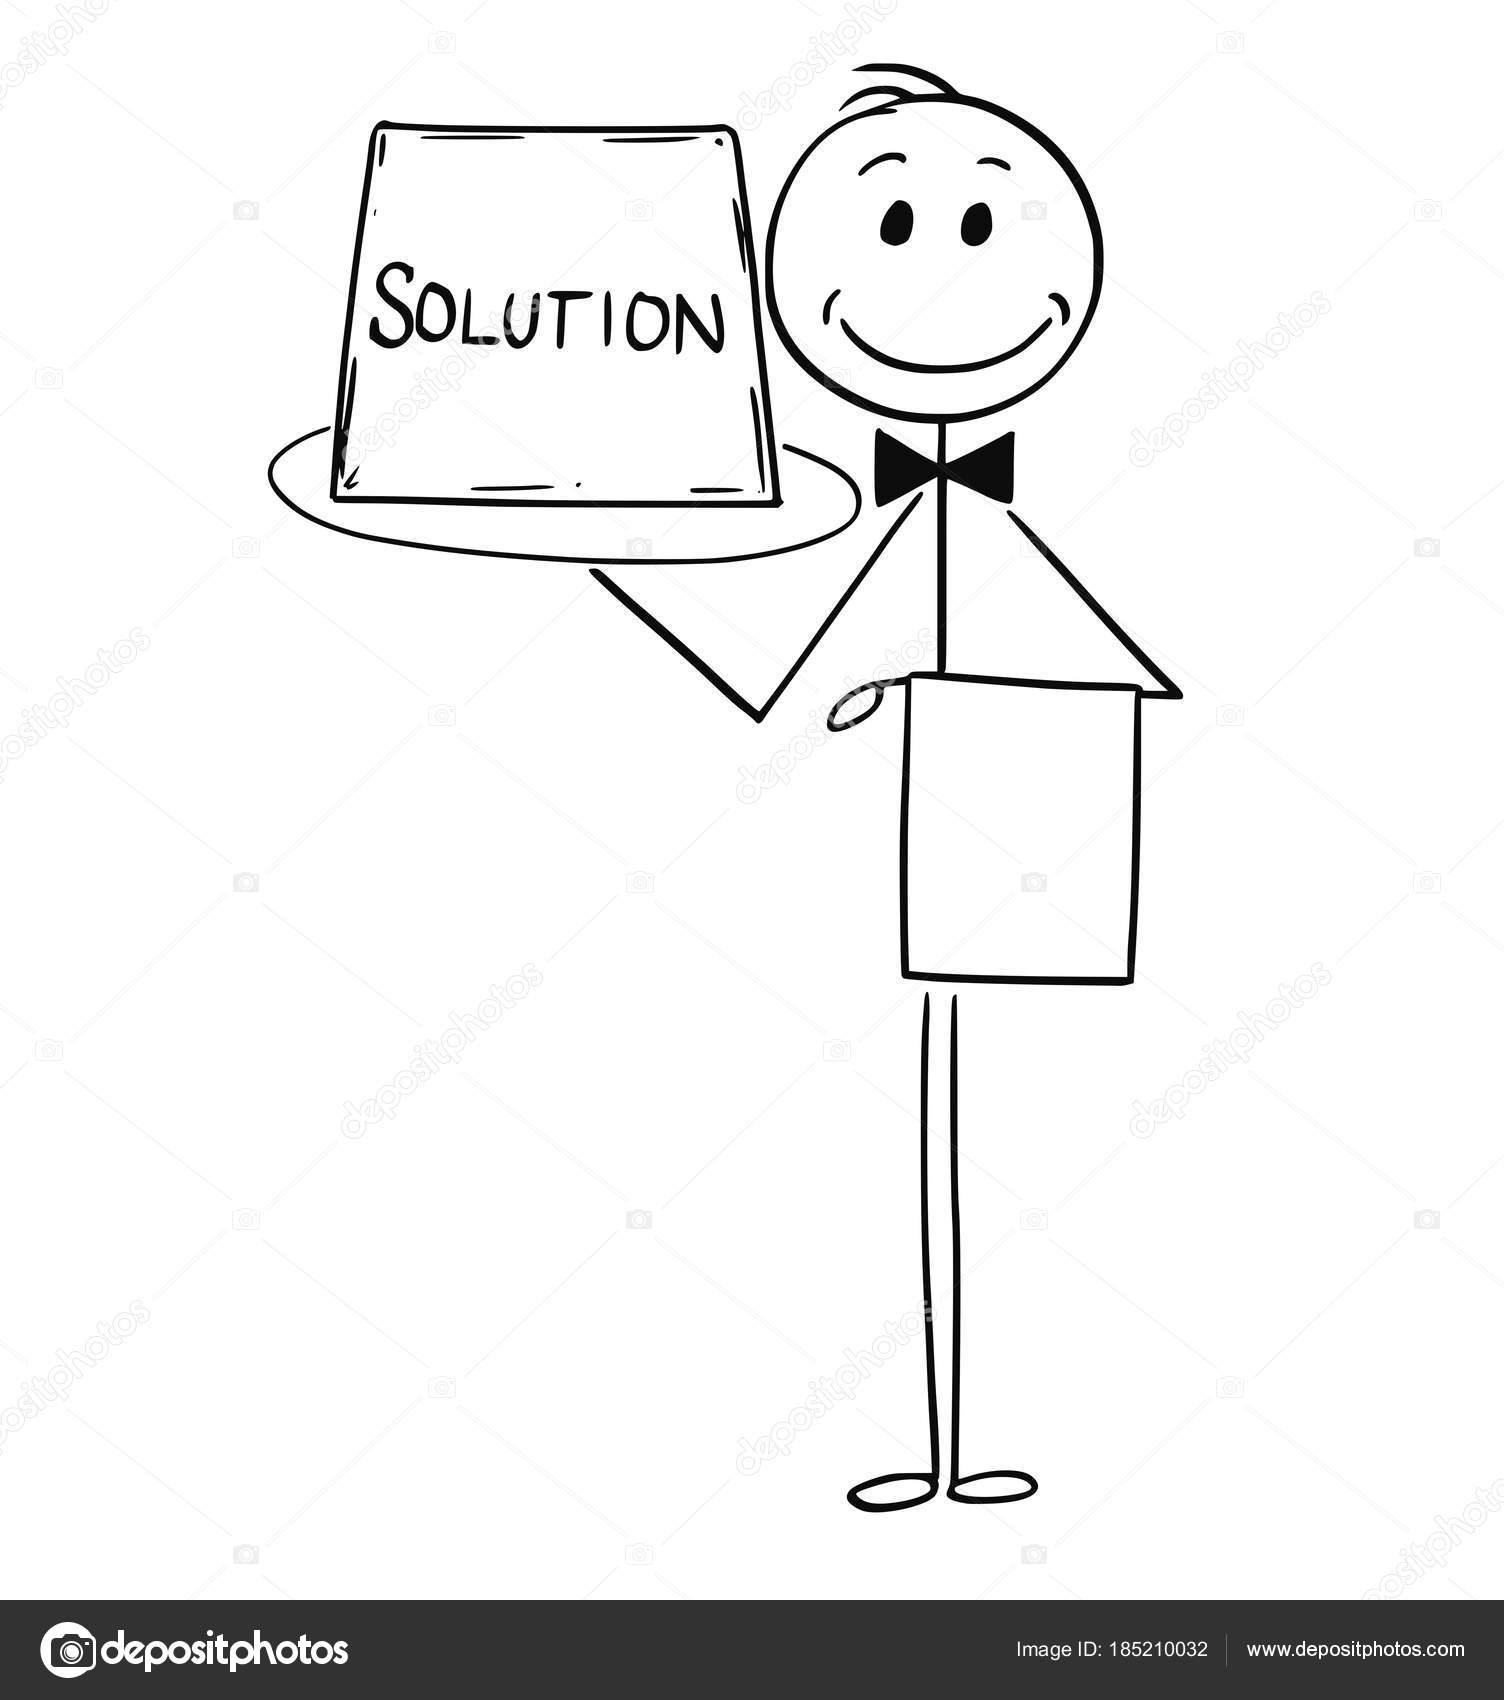 dessin anim de serveur offre un plateau avec signe solution image vectorielle ursus. Black Bedroom Furniture Sets. Home Design Ideas